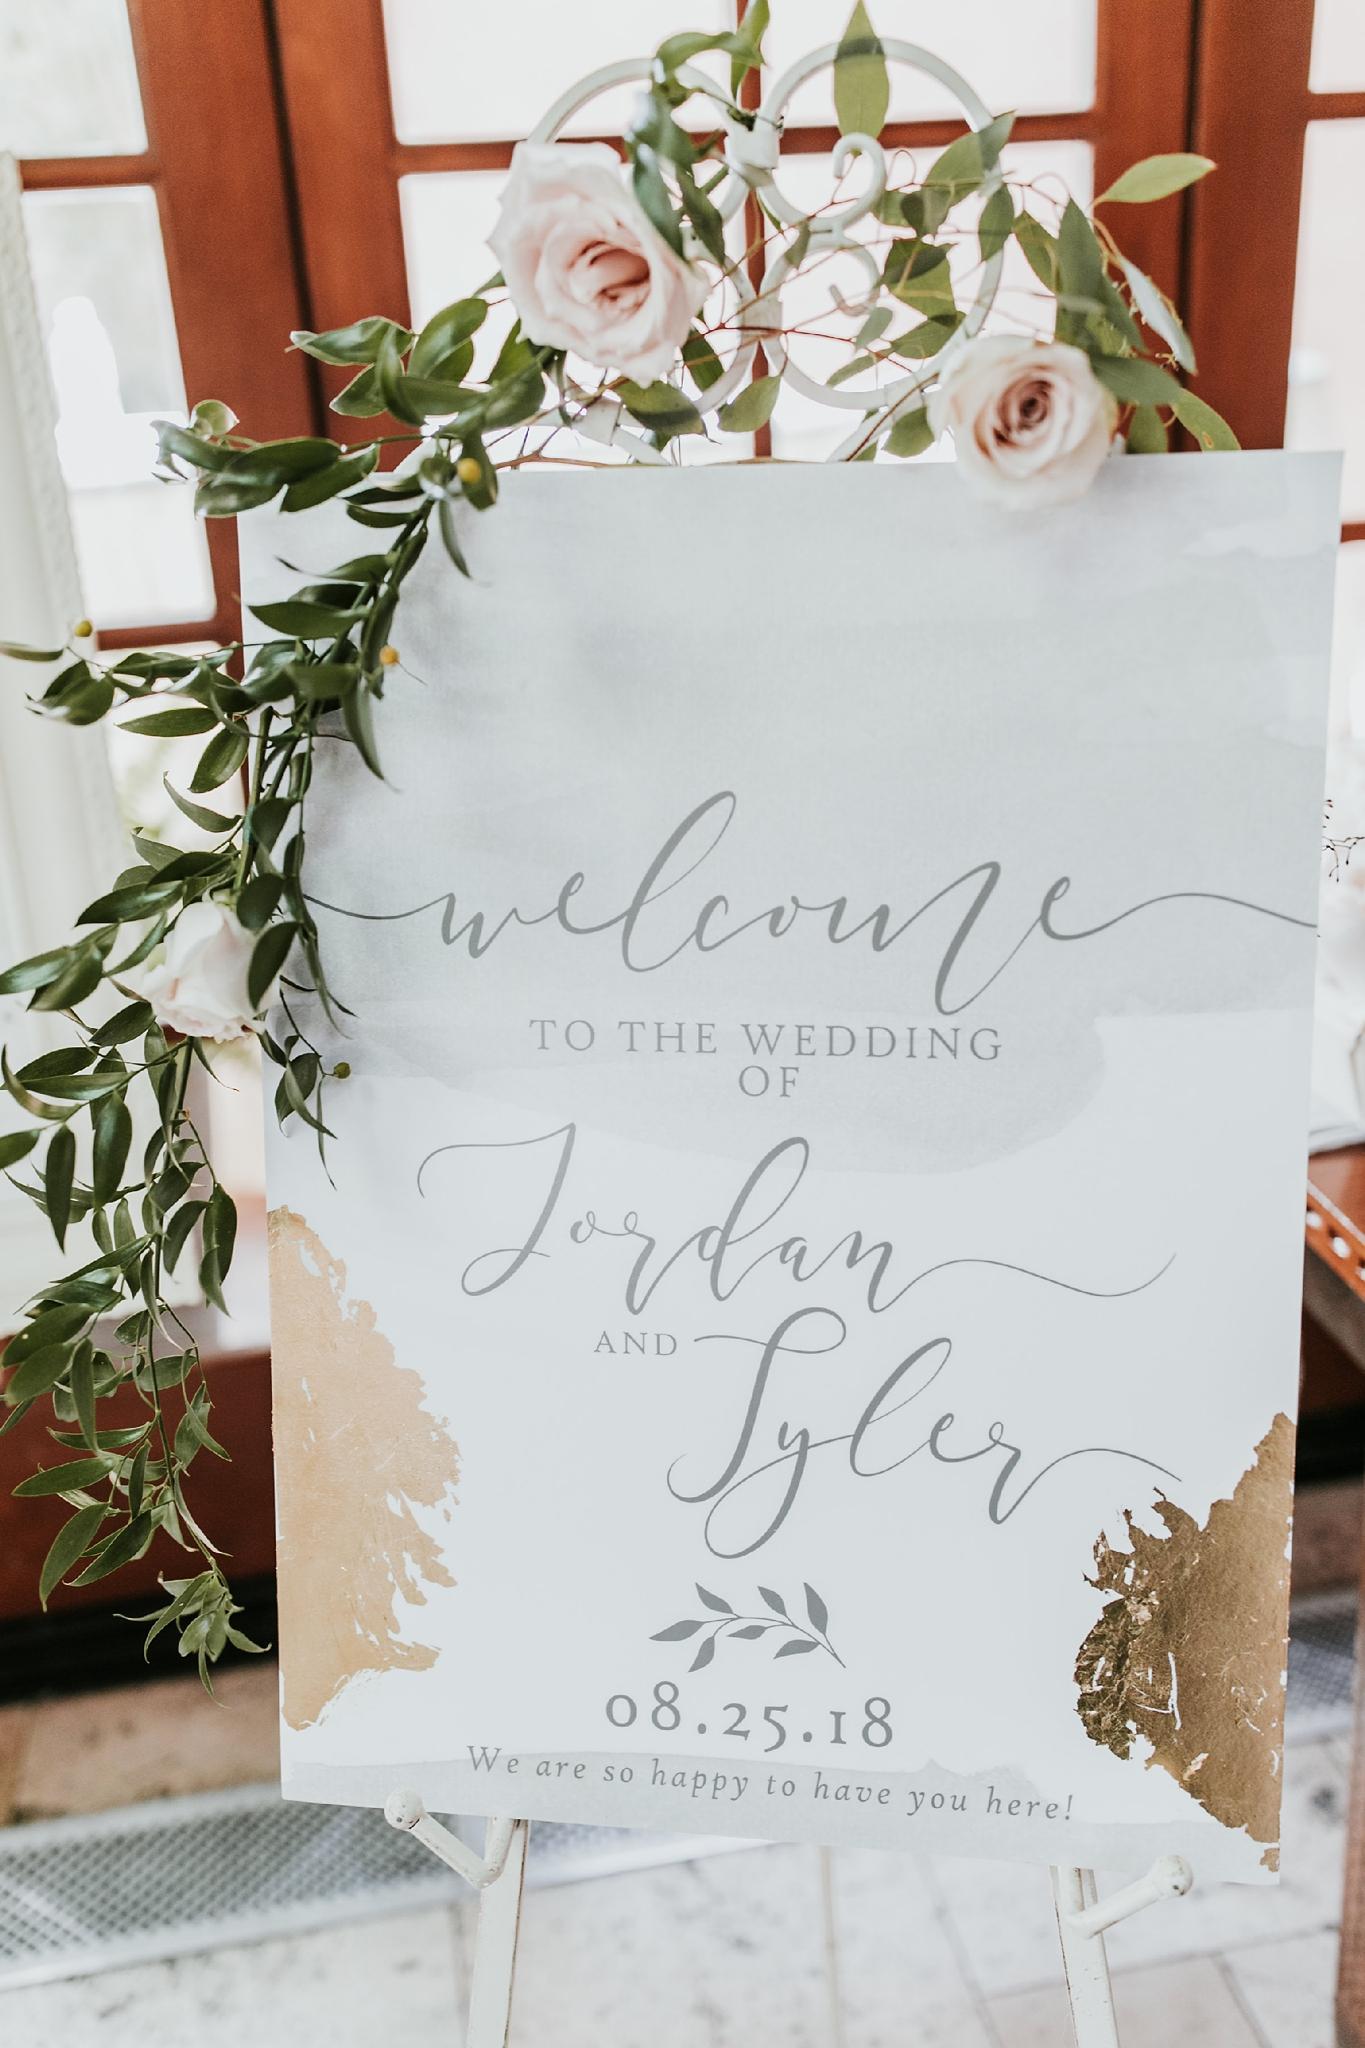 Alicia+lucia+photography+-+albuquerque+wedding+photographer+-+santa+fe+wedding+photography+-+new+mexico+wedding+photographer+-+new+mexico+wedding+-+summer+wedding+-+summer+wedding+florals+-+southwest+wedding_0030.jpg